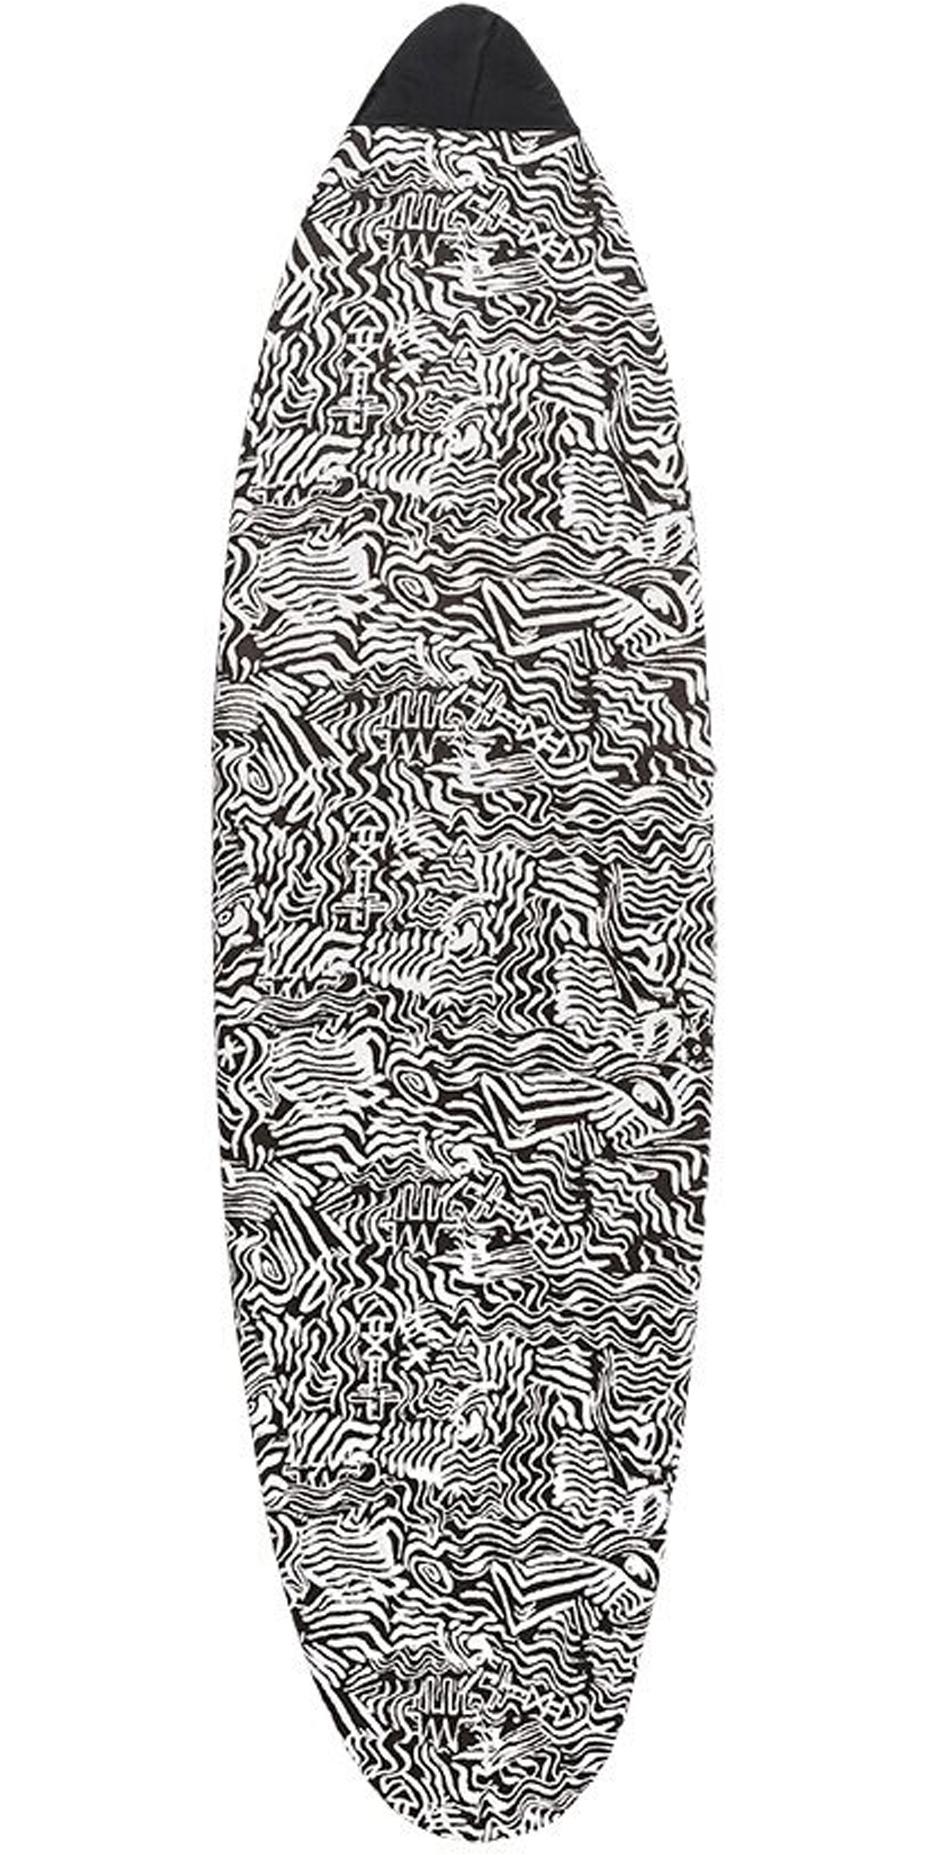 2019 Quiksilver EuroGlass Funboard Surfboard Sock 6